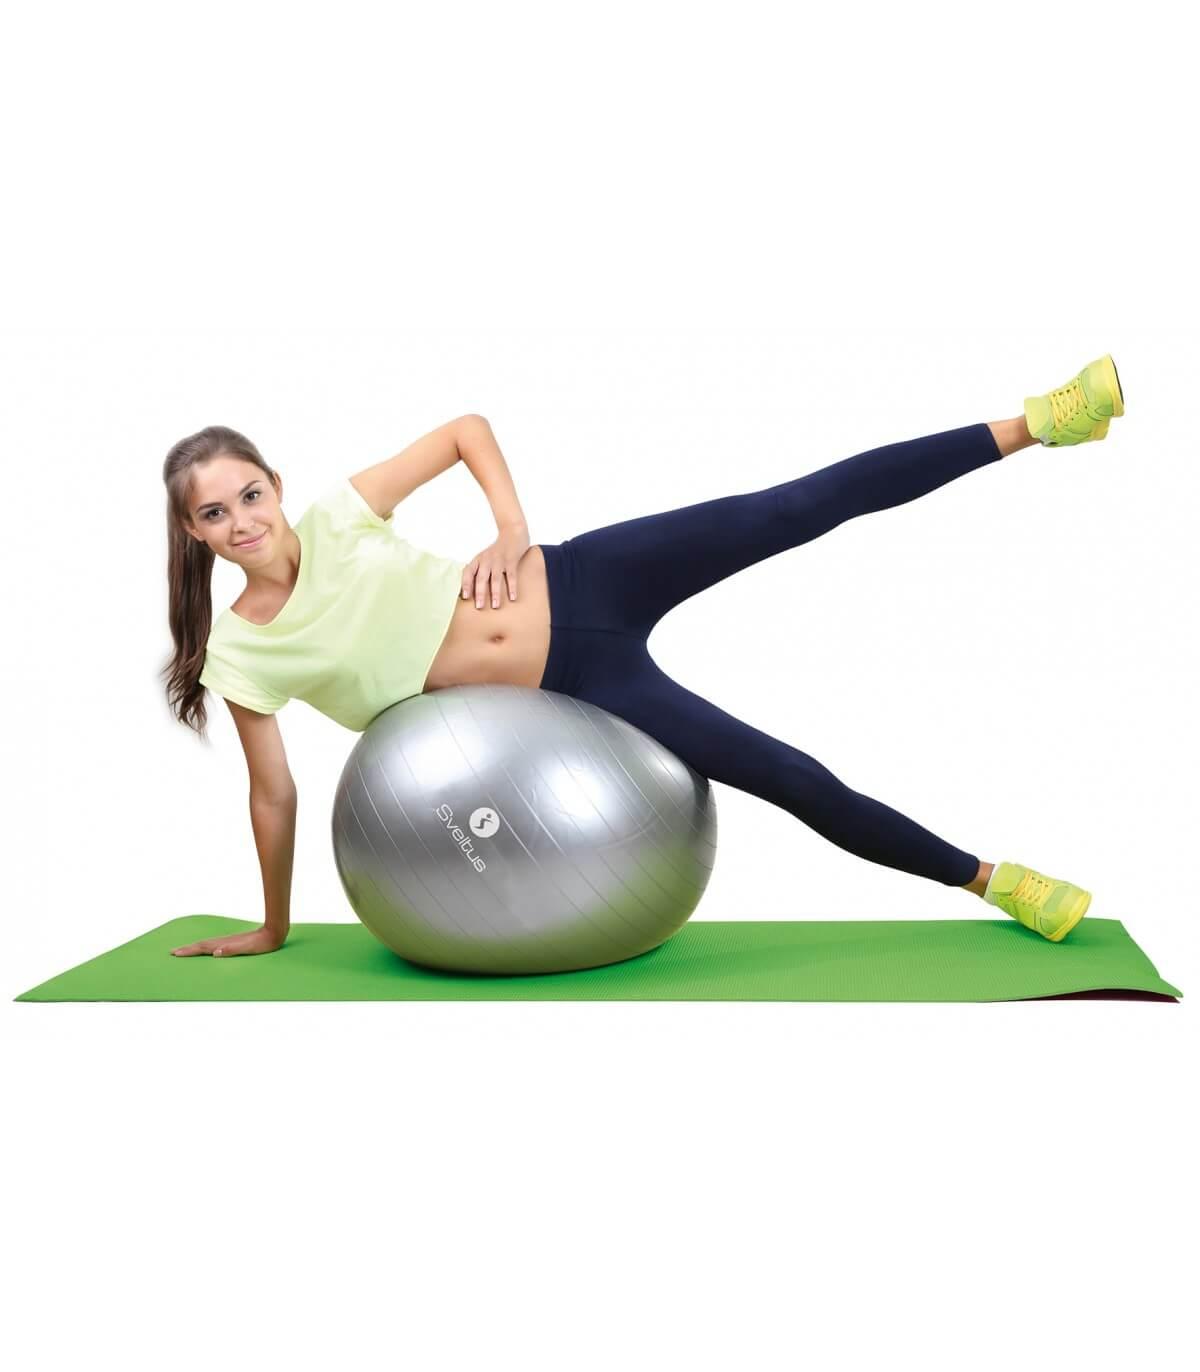 Упражнения на фитболе - комплекс для тренировки с мячом